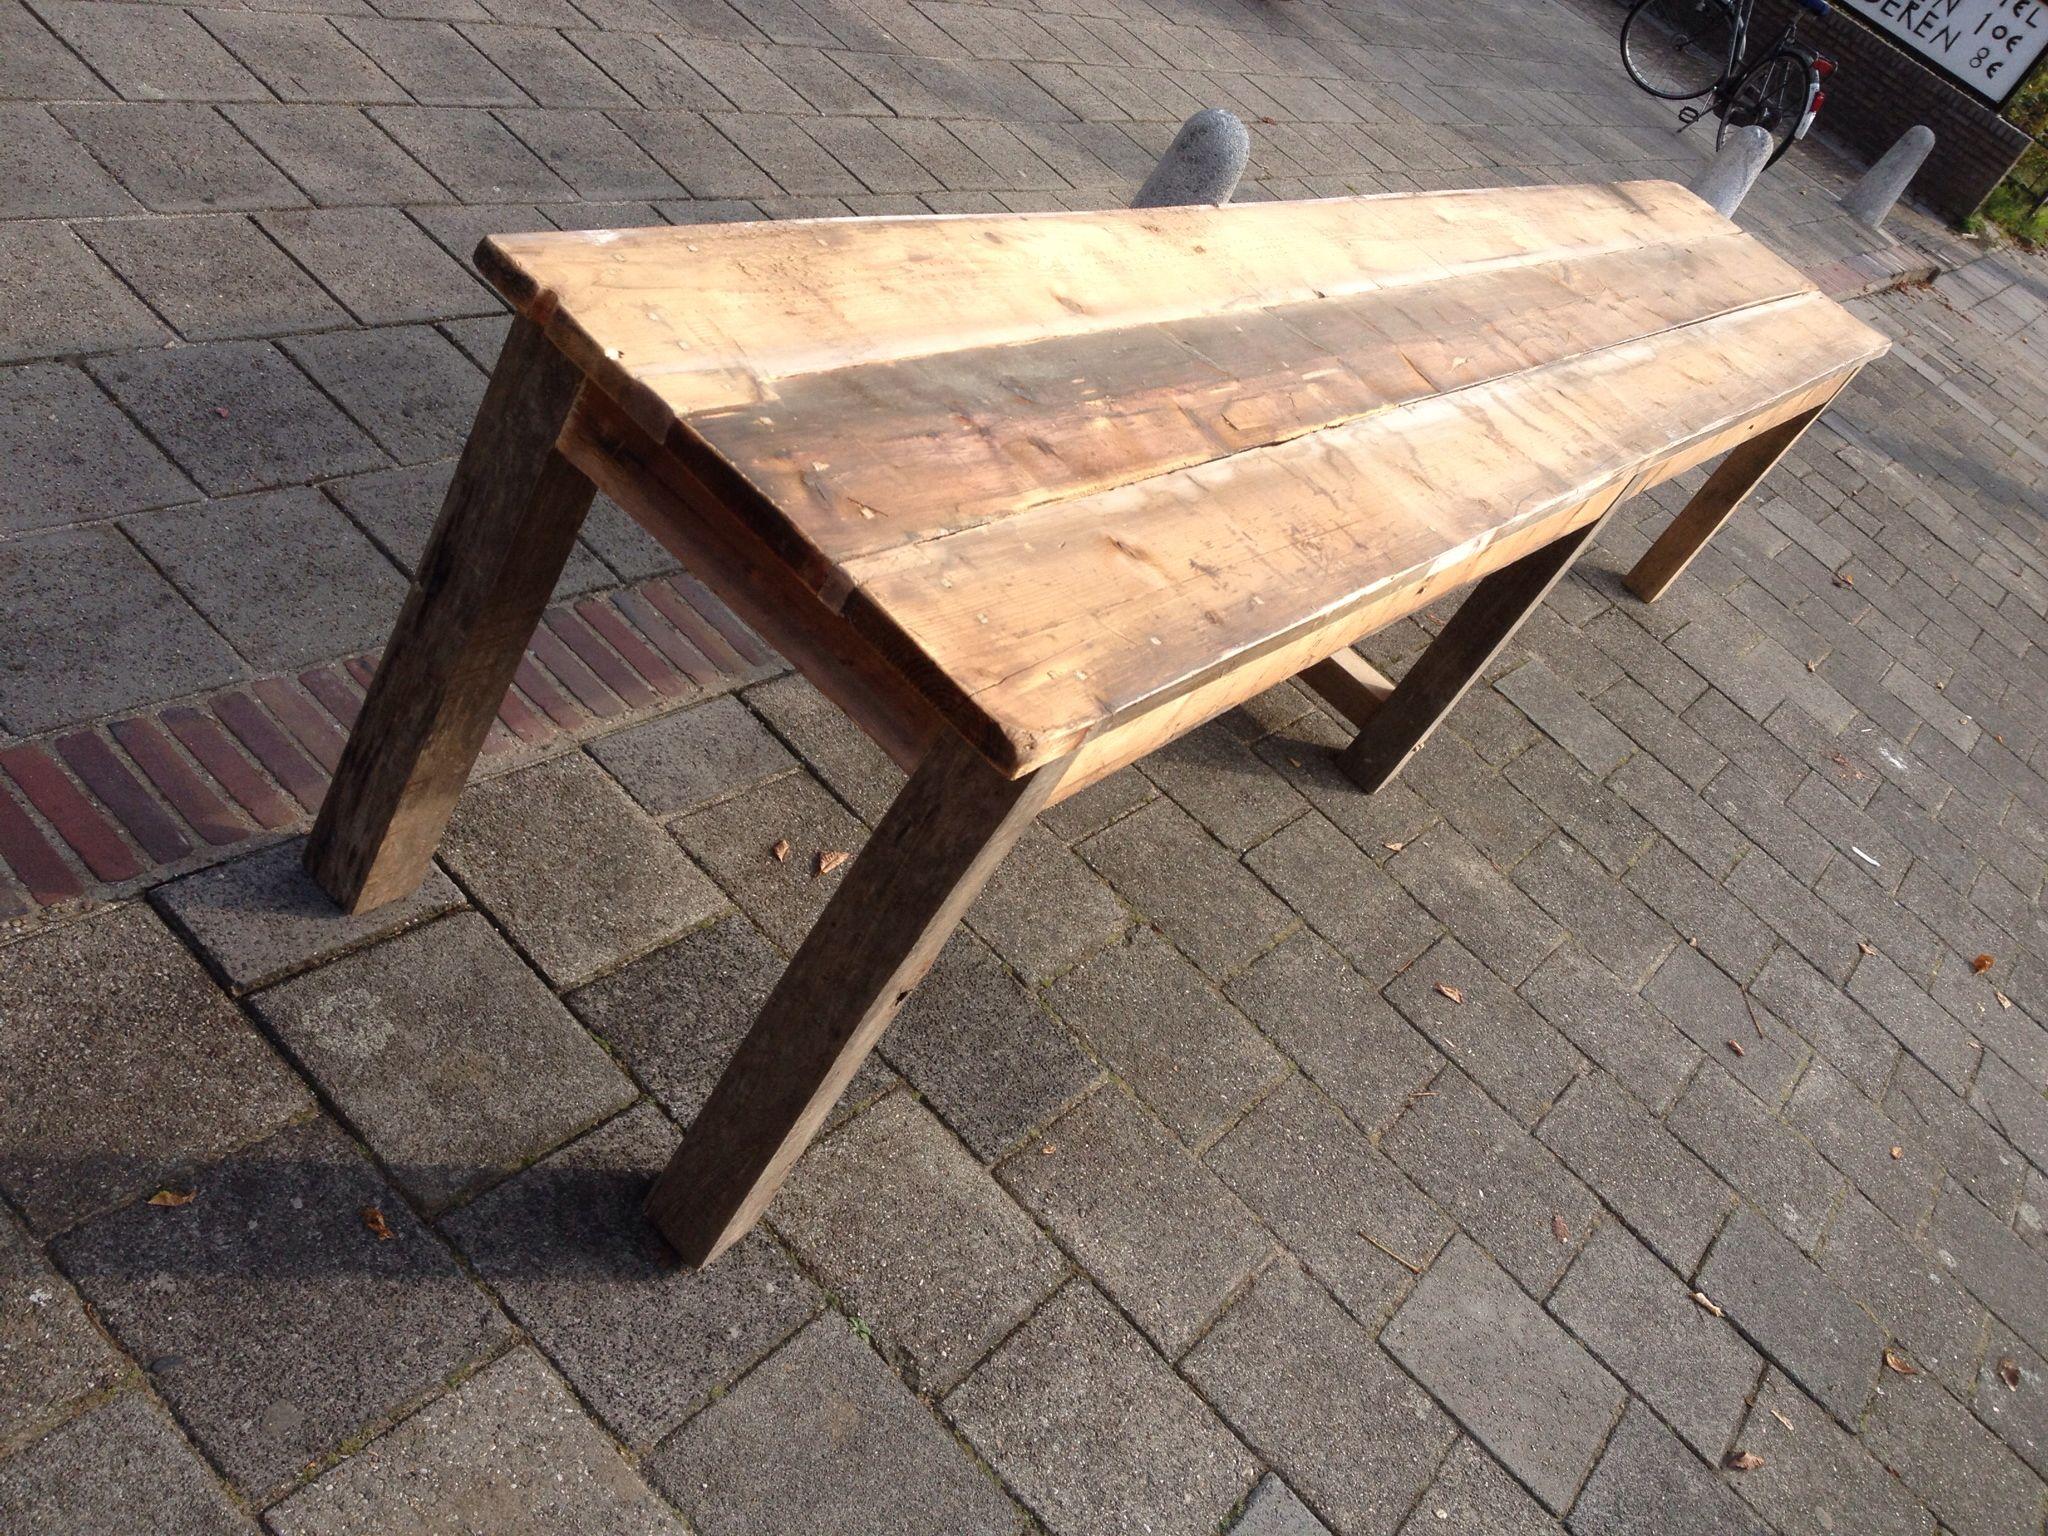 Boeren tafel oud hout franse tafel tafels uit eigen ontwerp